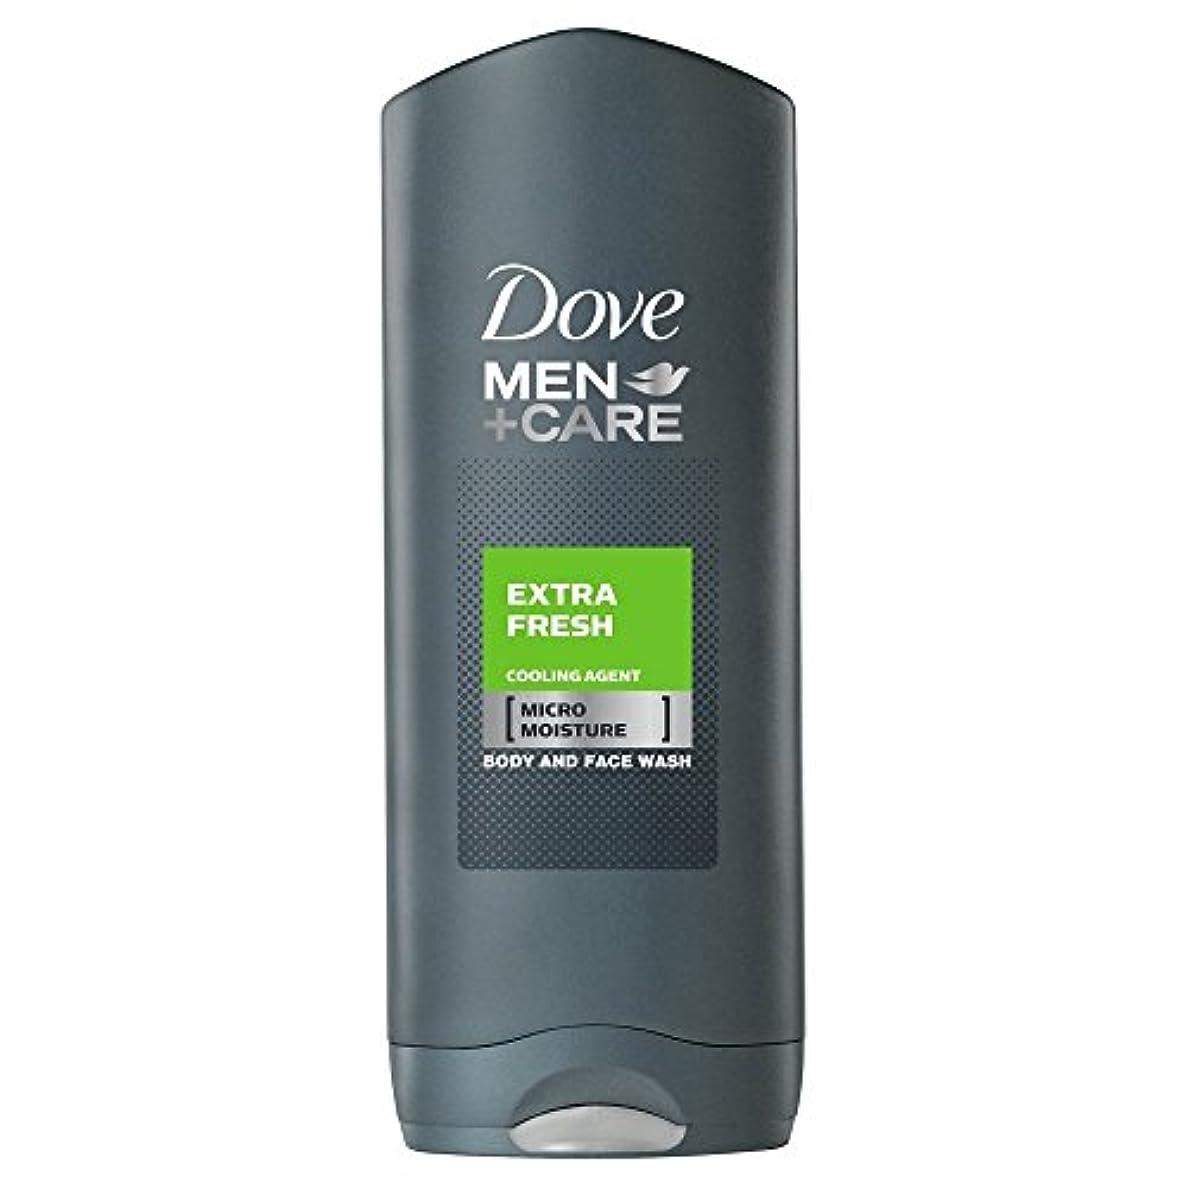 神秘的な毎回安心させるDove Men + Care Body & Face Wash - Extra Fresh (250ml) 鳩の男性は+ボディと洗顔ケア - 余分な新鮮な( 250ミリリットル)を [並行輸入品]